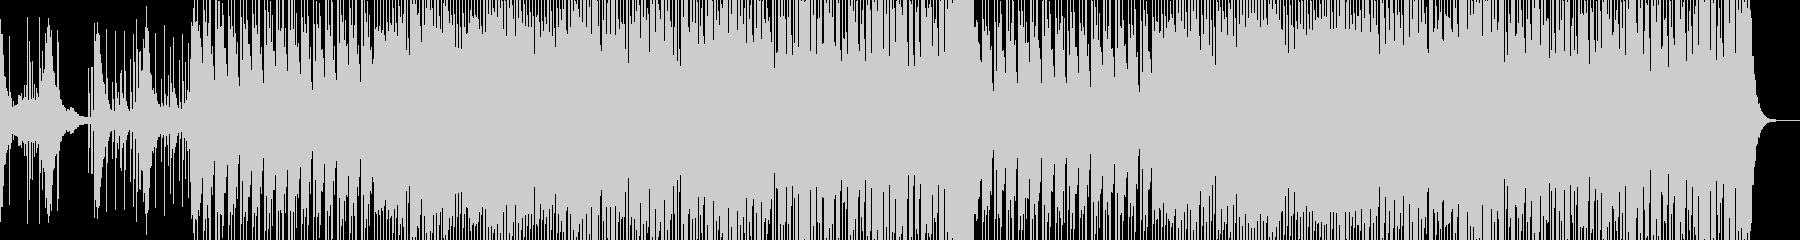 威勢の良い三味線と和太鼓の未再生の波形